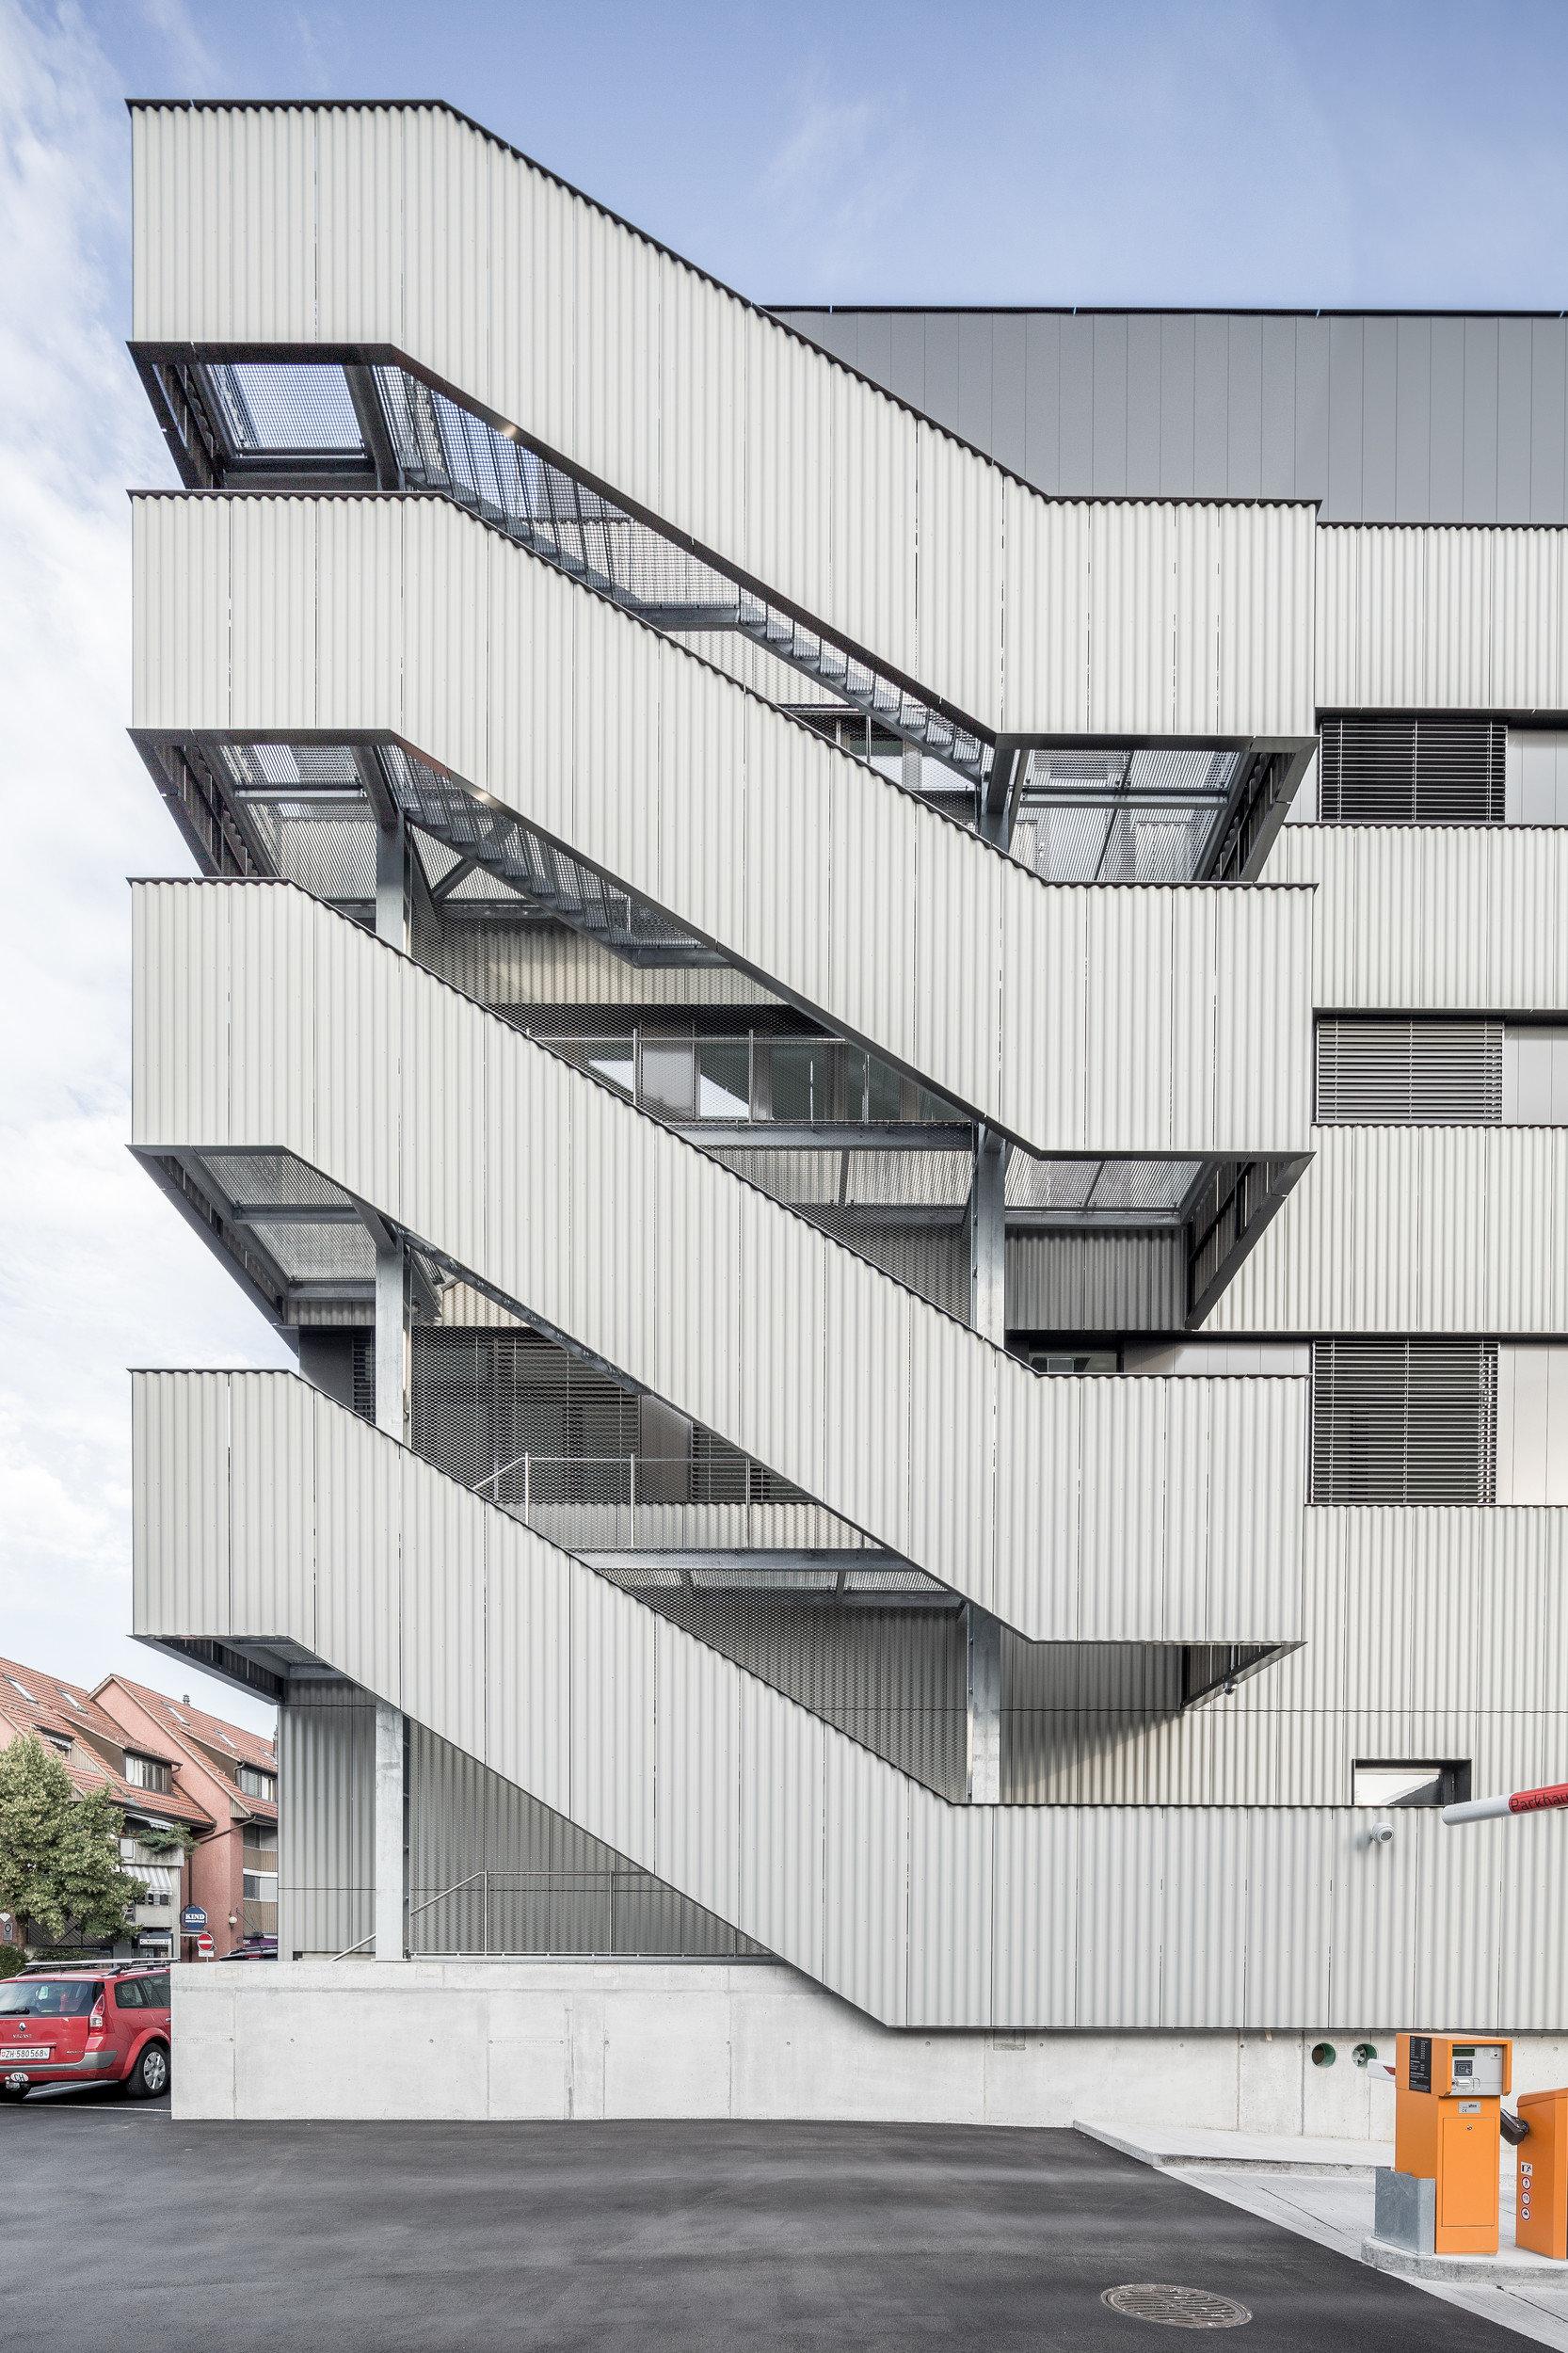 gleichmässige Treppenkonstruktion für aussen für 4 Stockwerke